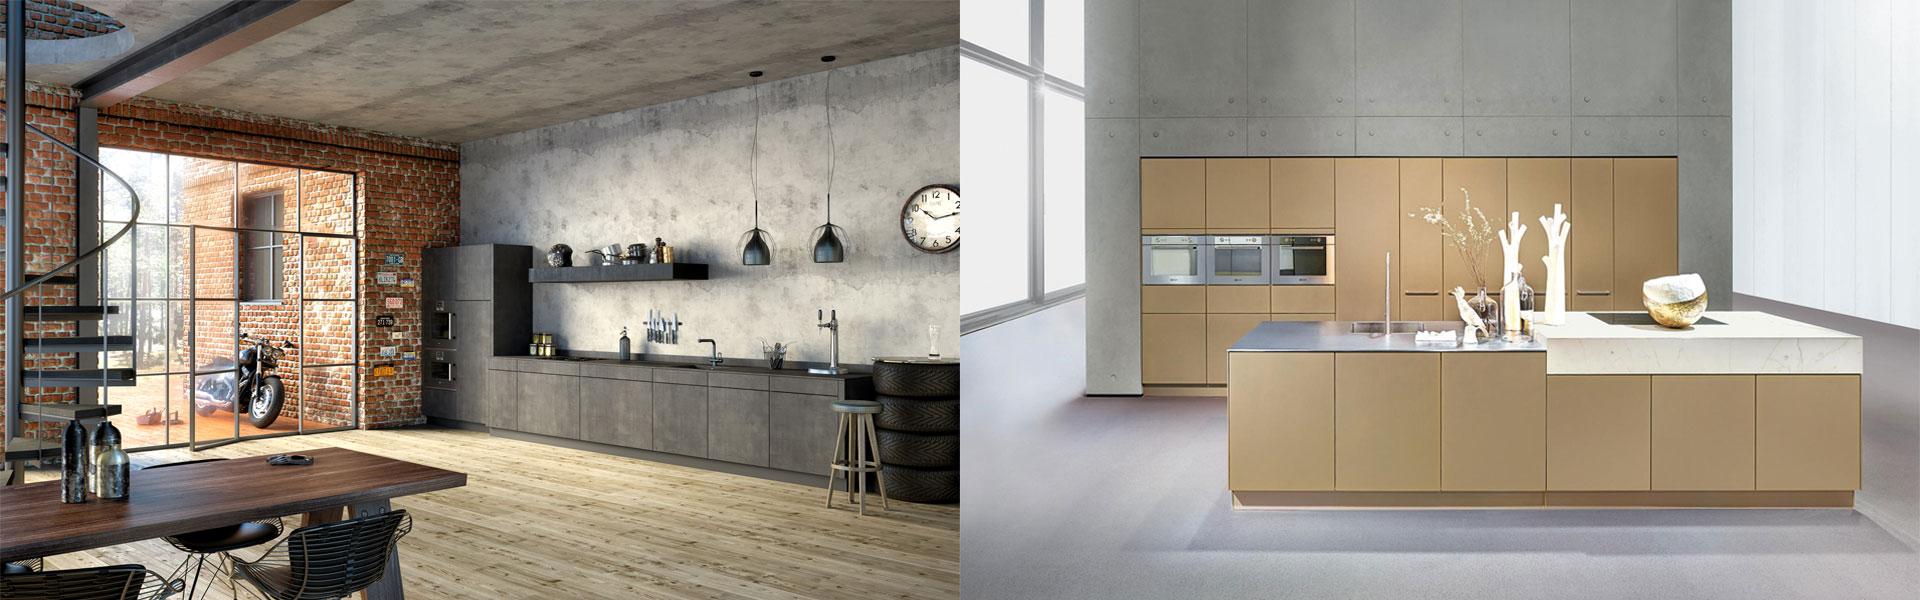 Küchen Kall Oftersheim Öffnungszeiten ~ fronstslider kuechen klein bm&p ag erlinsbach